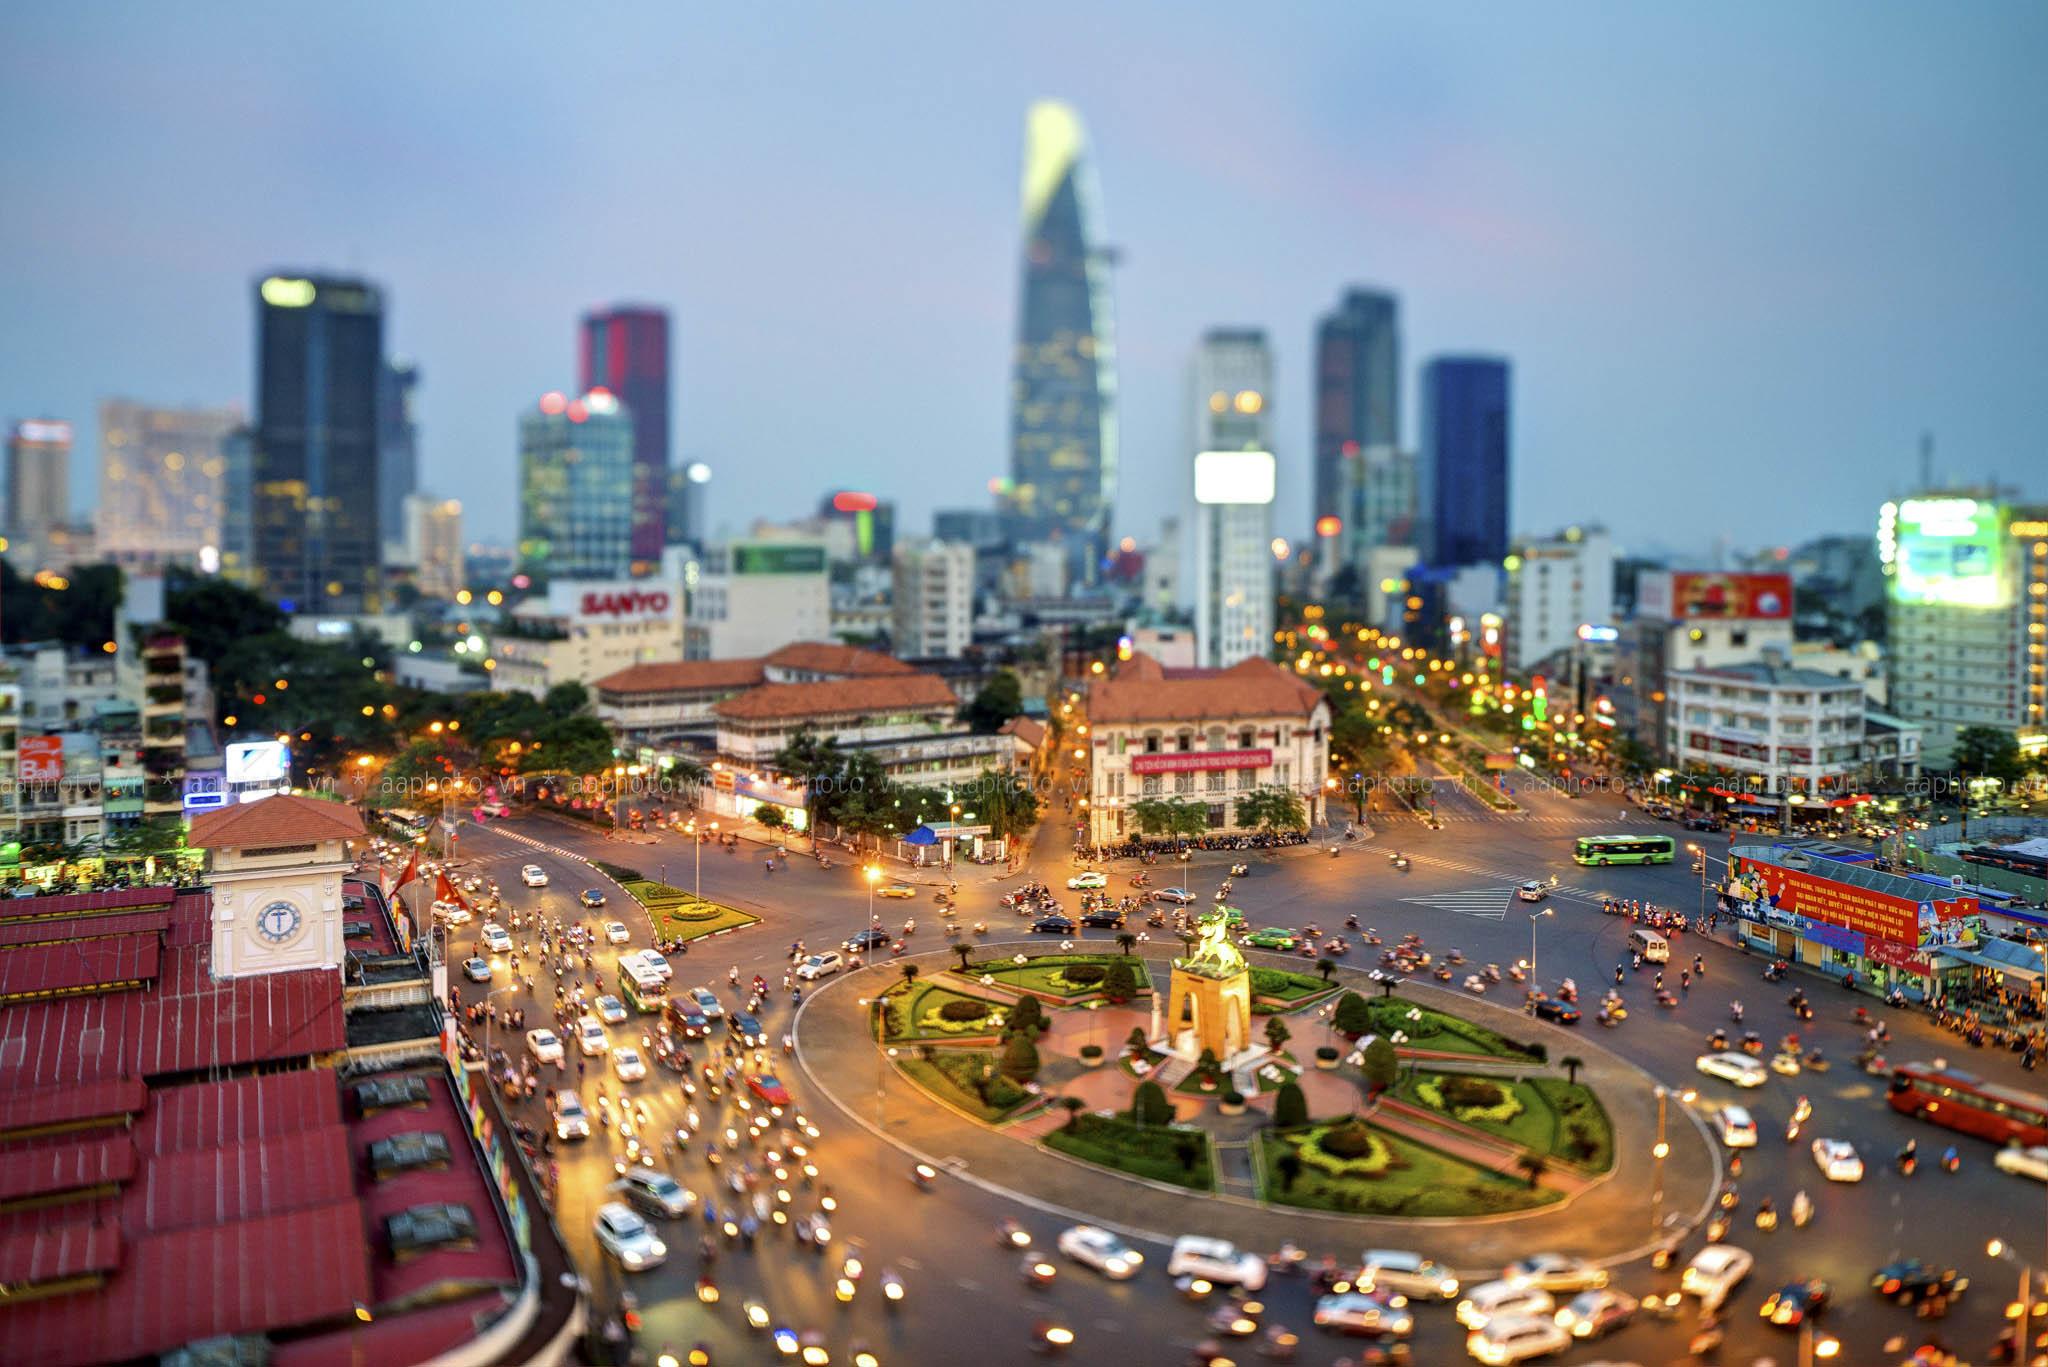 Sài Gòn - thành phố sầm uất bậc nhất miền Nam